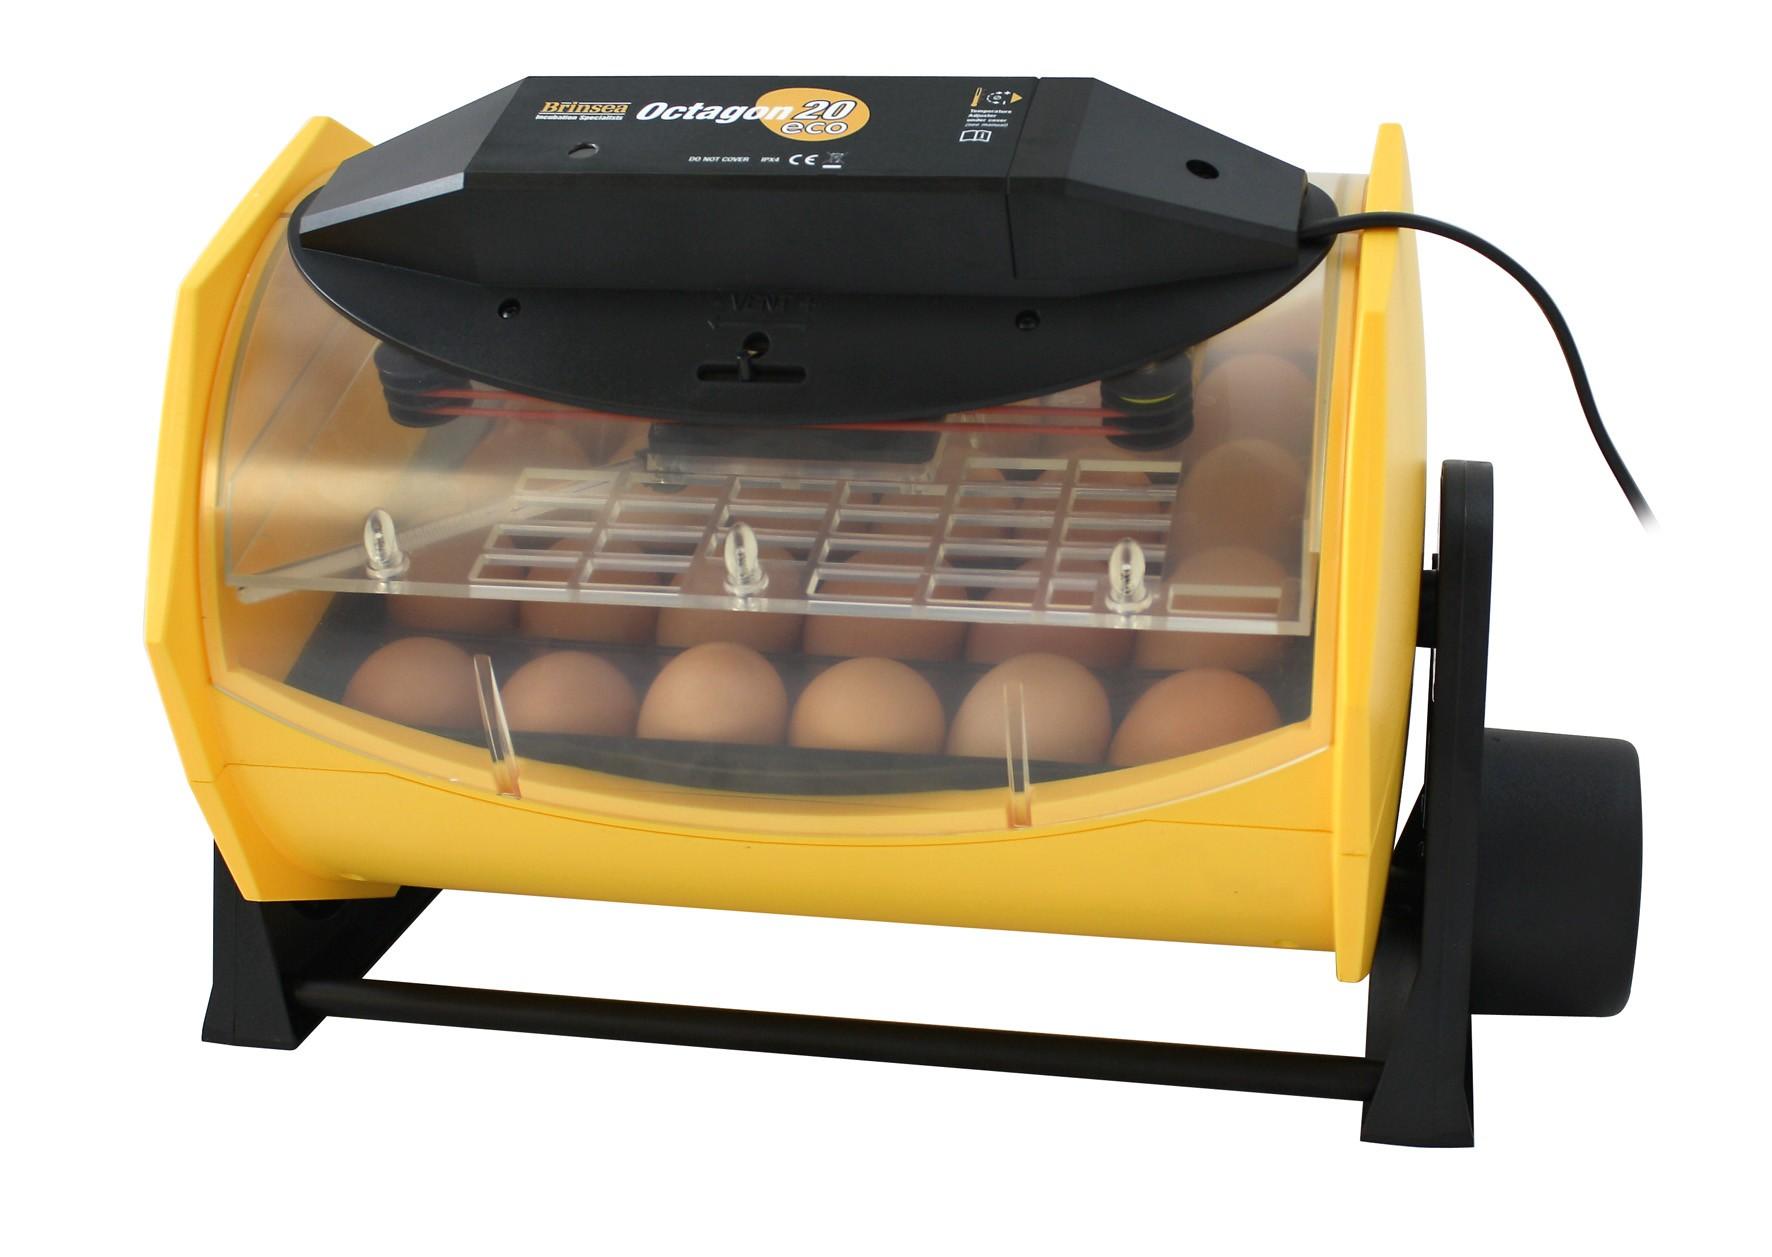 Brinsea Octagon 20 Eco Incubator